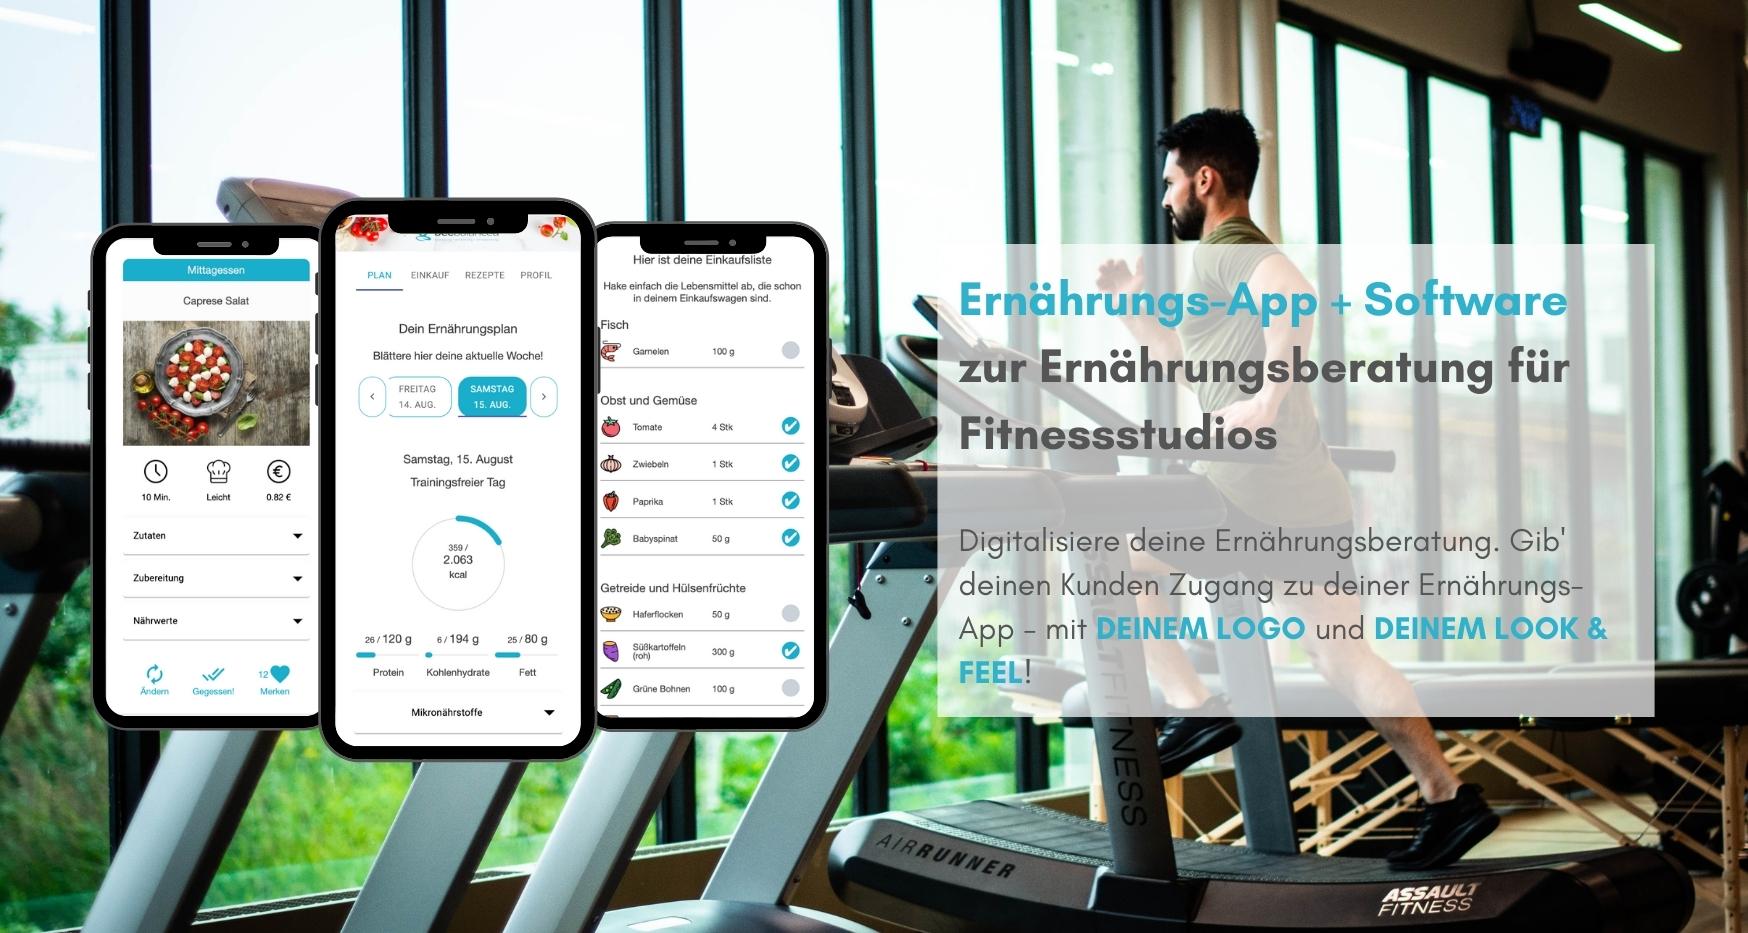 Ernährungs-App für Fitnessstudios als Software für Ernährungsberatung - Ernährungspläne erstellen leicht gemacht